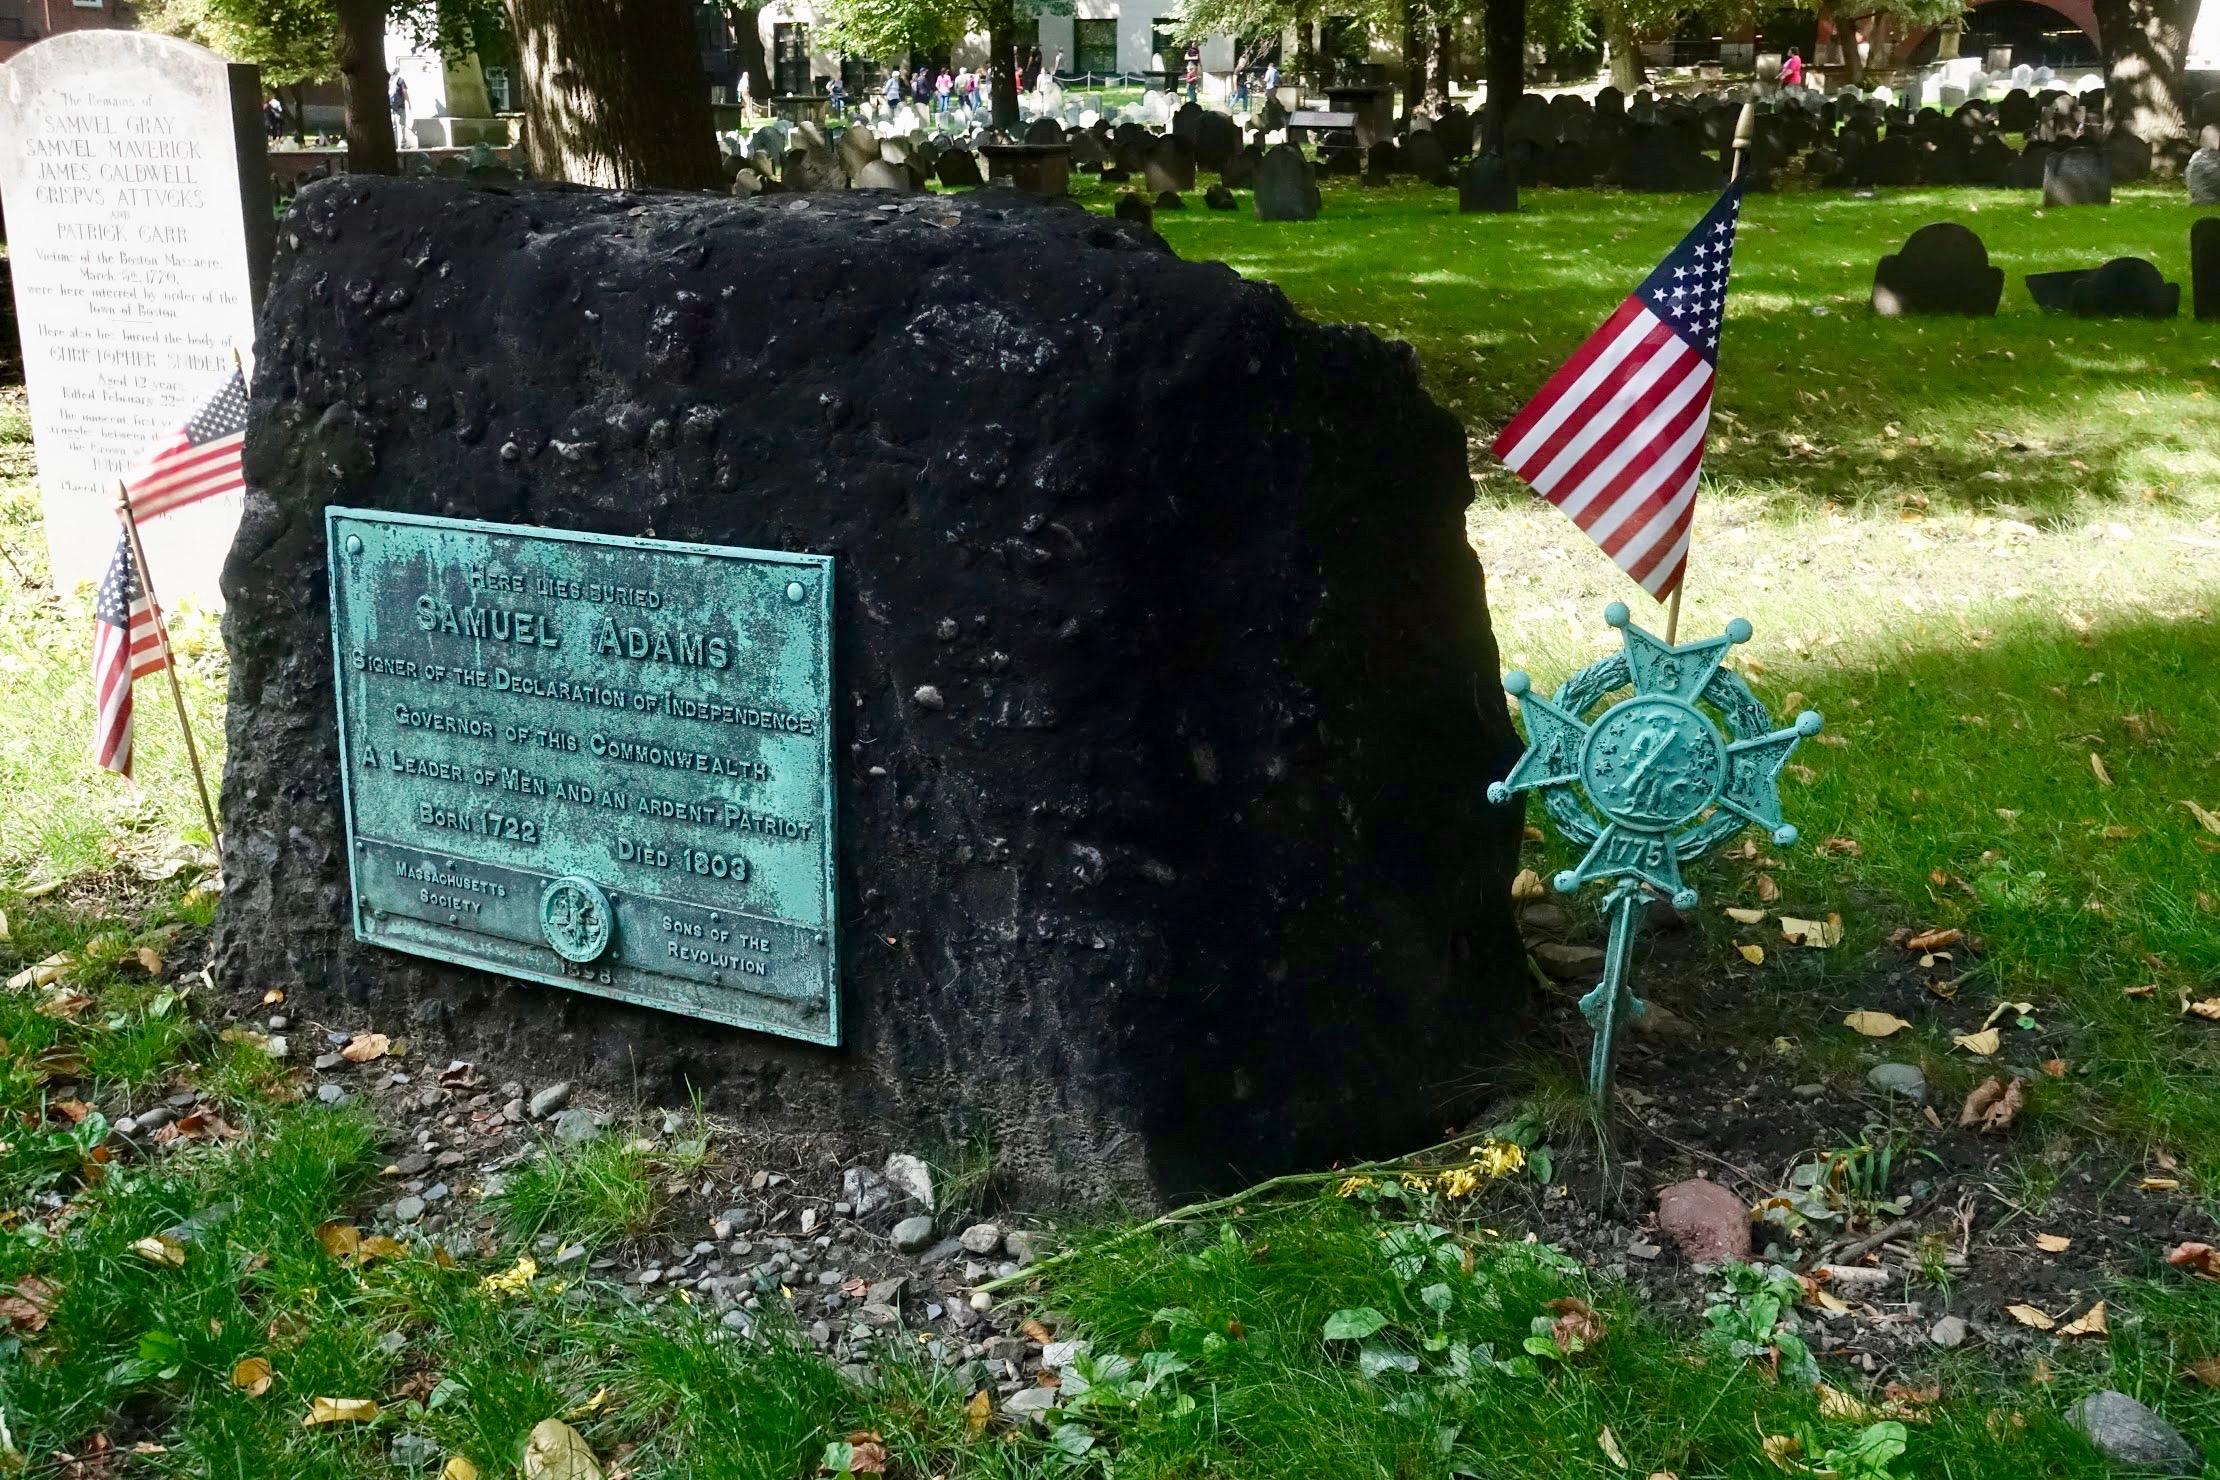 Samuel Adams rustplaats op het kerkhof in Boston